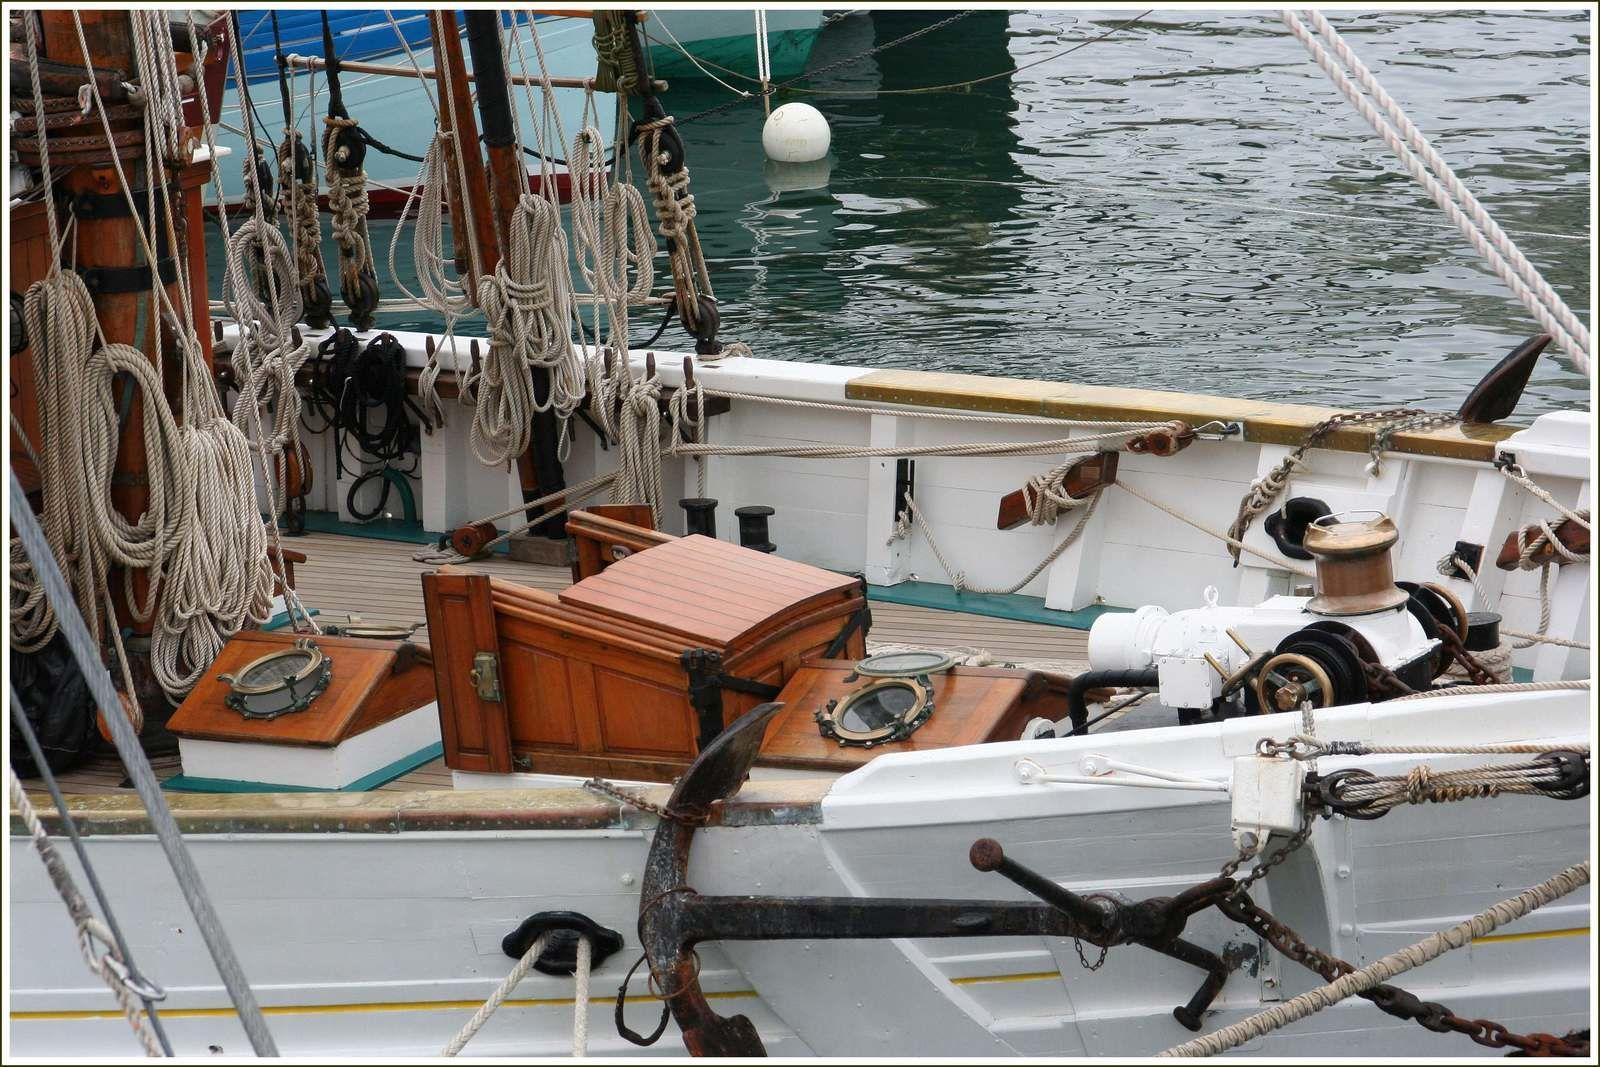 286 - Rencontres bateaux 16ème 2016 07 22 voiliers traditionnels en escale au port du Rosmeur, coques, espars, bois vernis et bronzes, photos © GeoMar, fêtes maritimes Douarnenez 2016